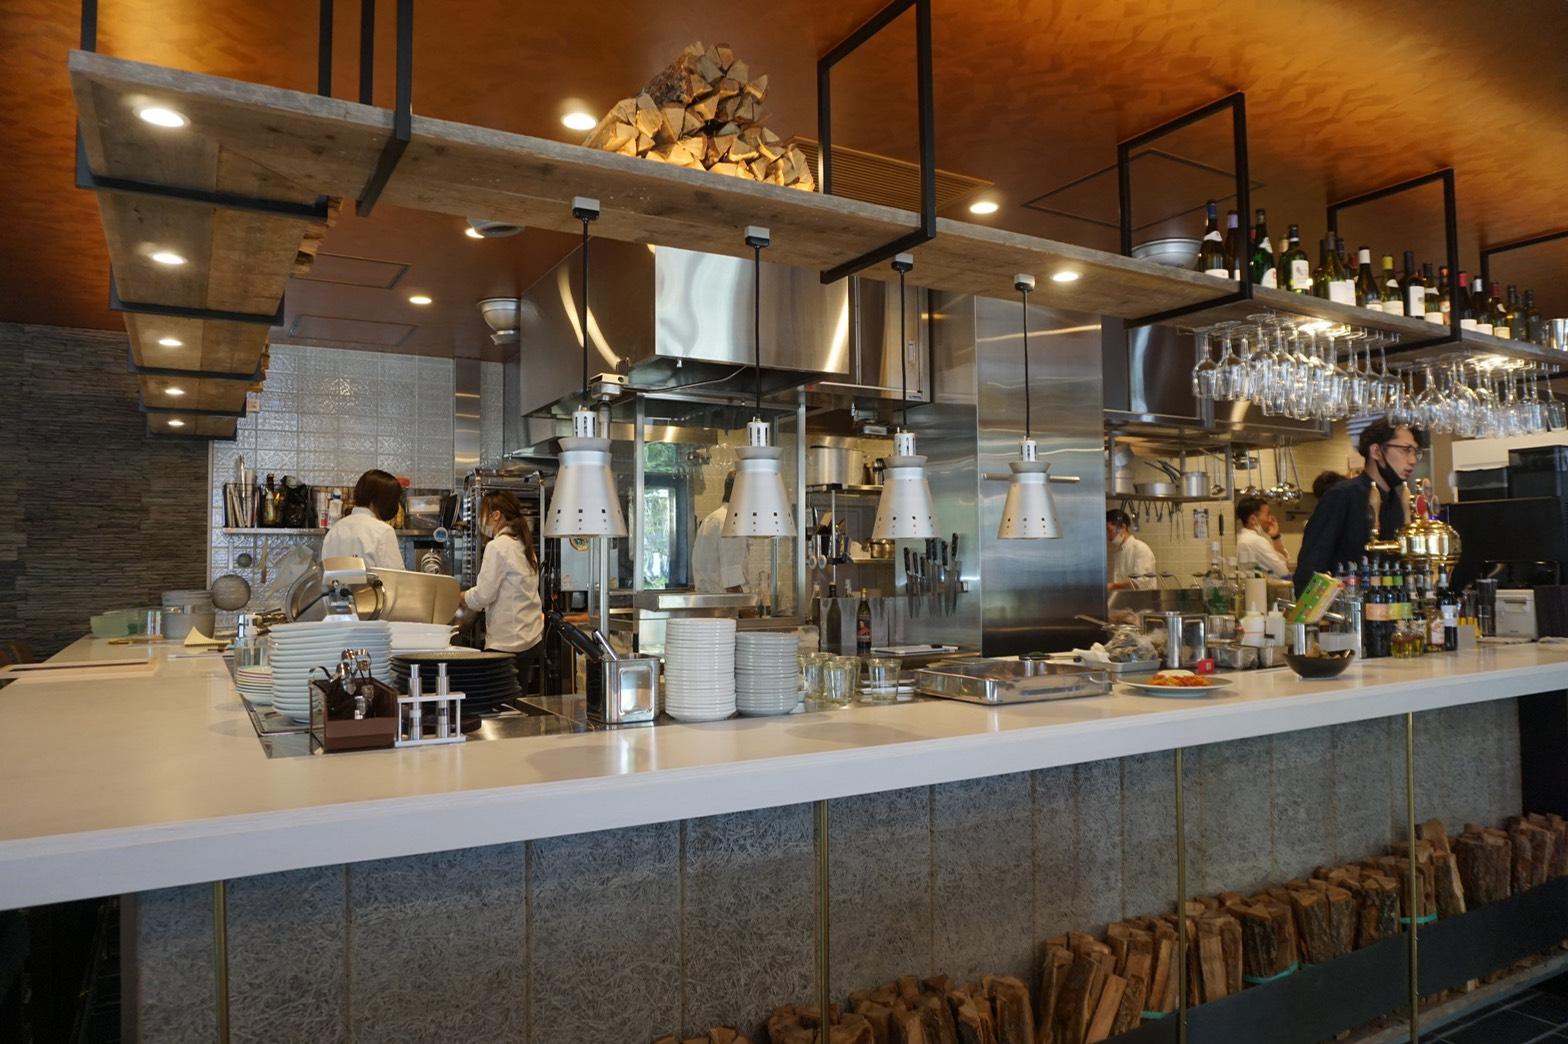 外の景色を眺めながらの食事に心癒されて。久屋大通パークのアーバンリゾートゾーンがついにオープン! - S  76455940